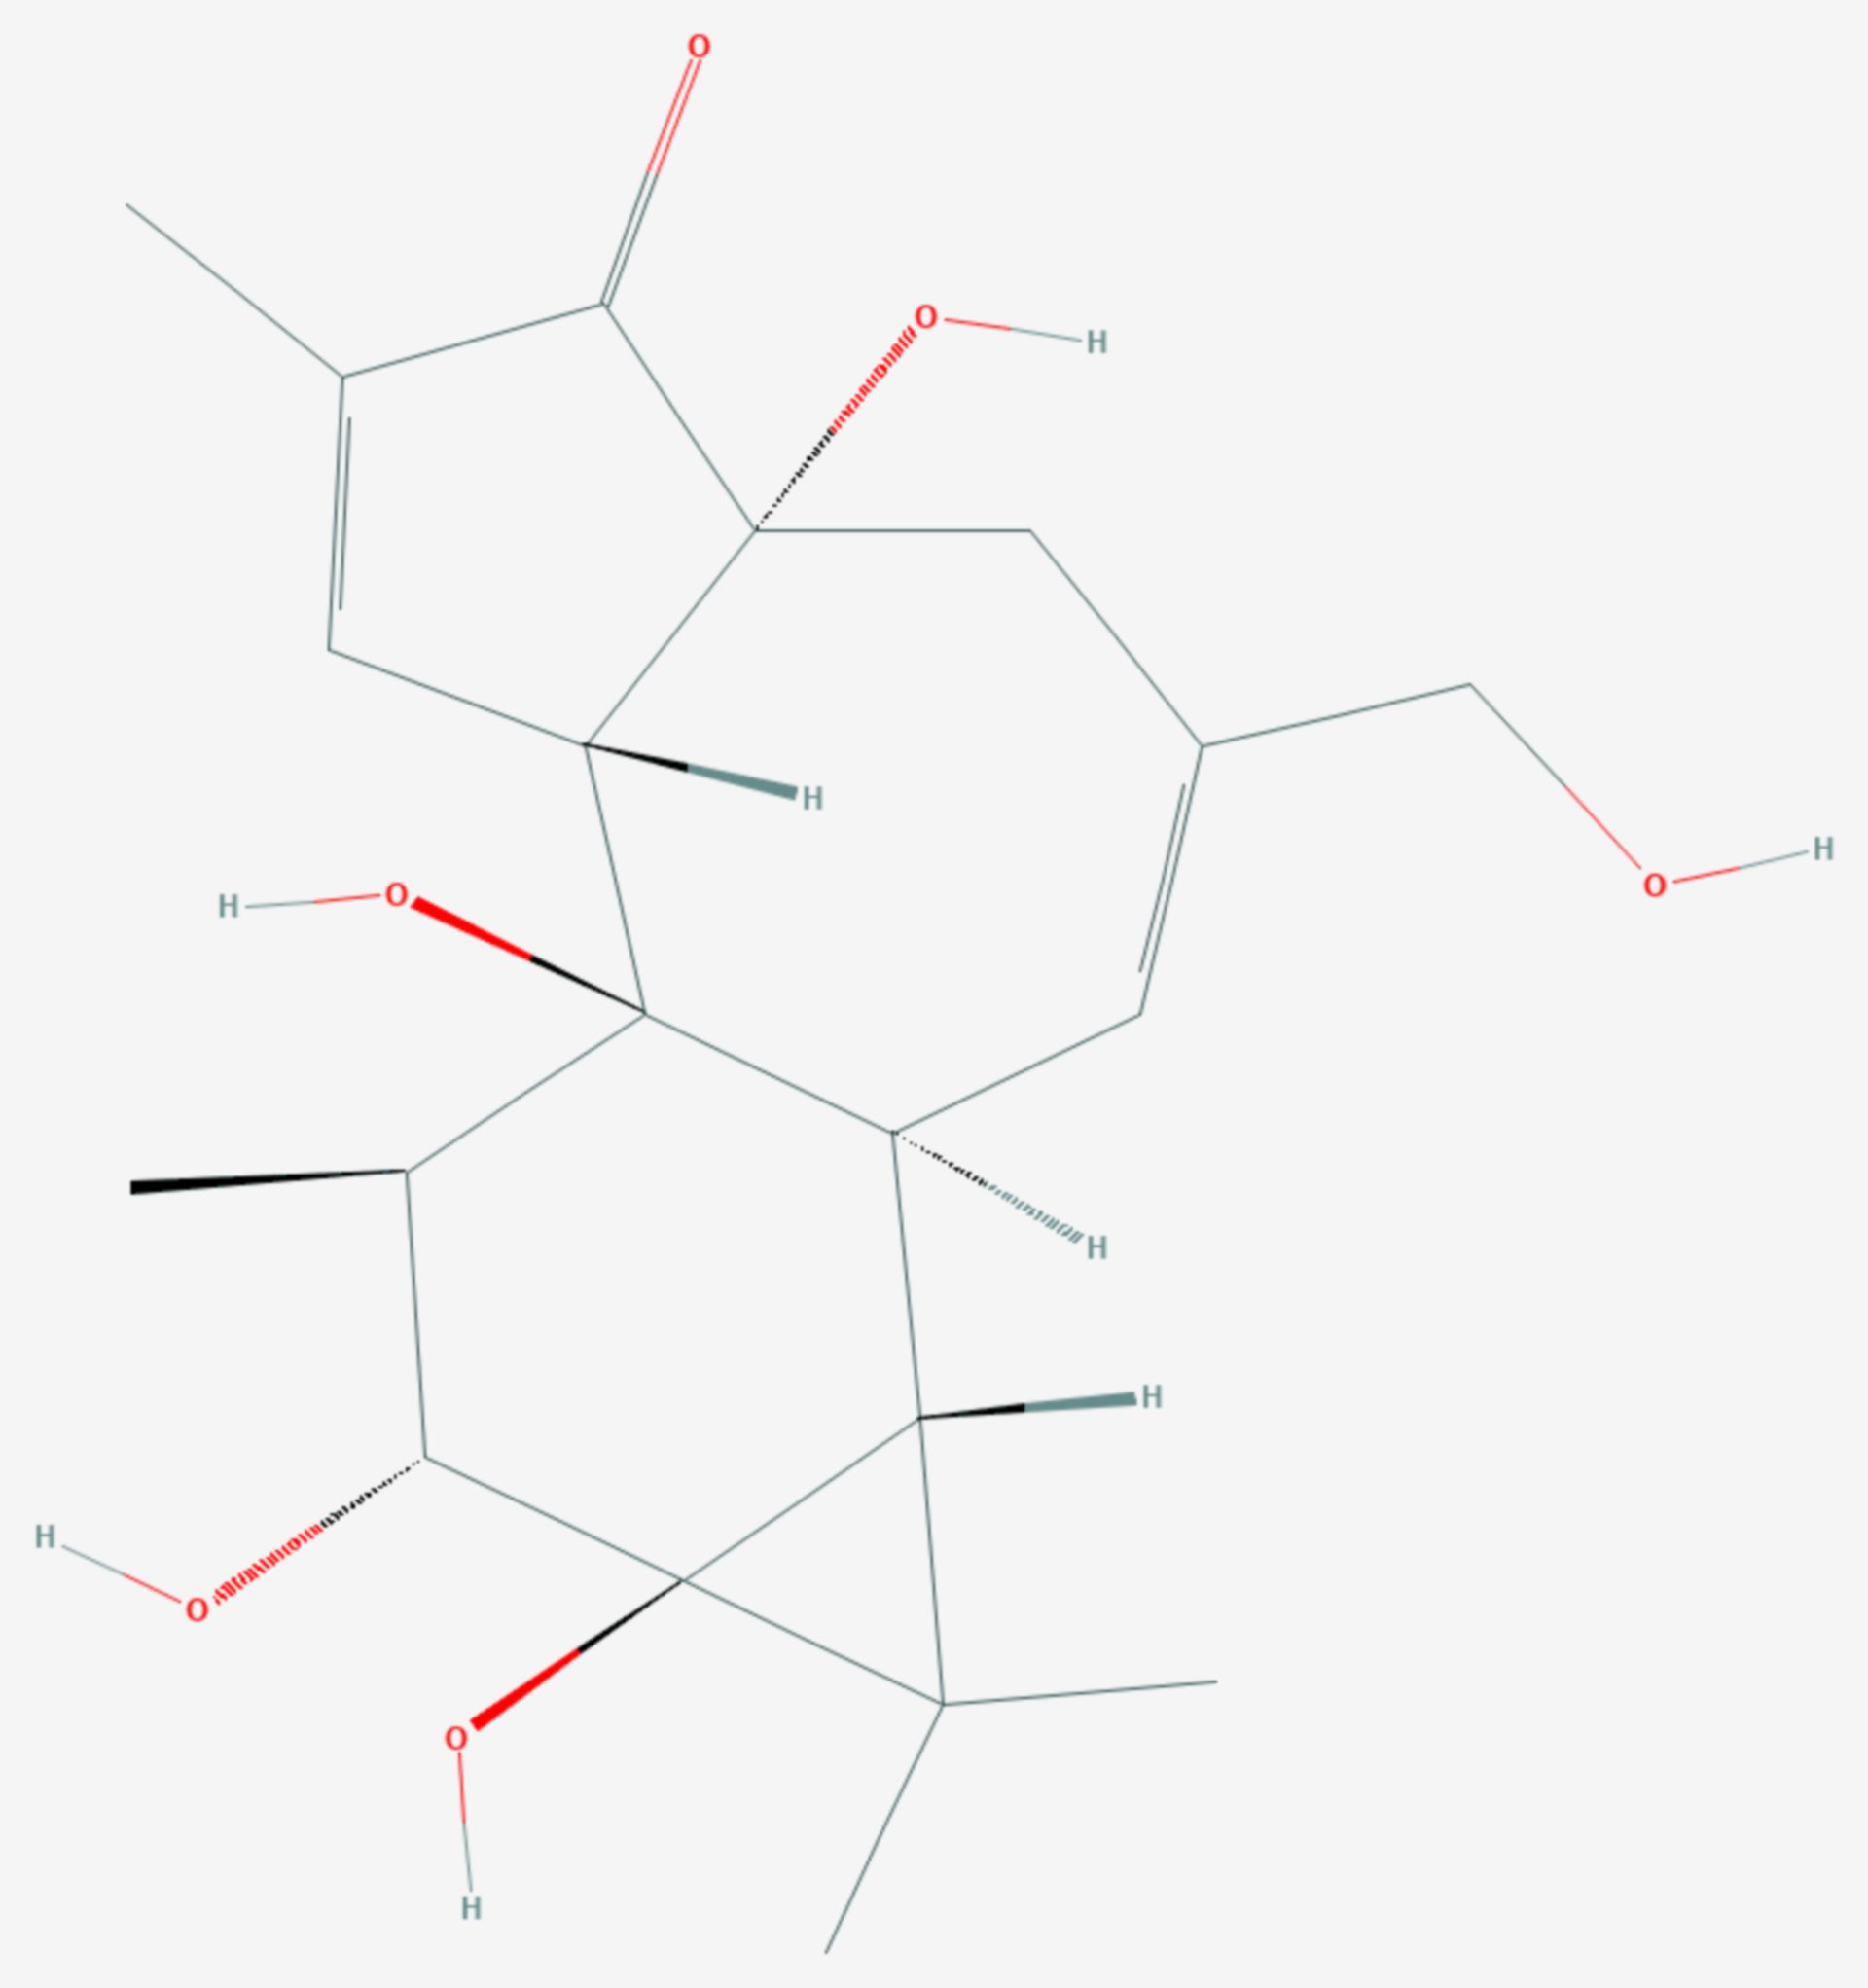 Phorbol (Strukturformel)